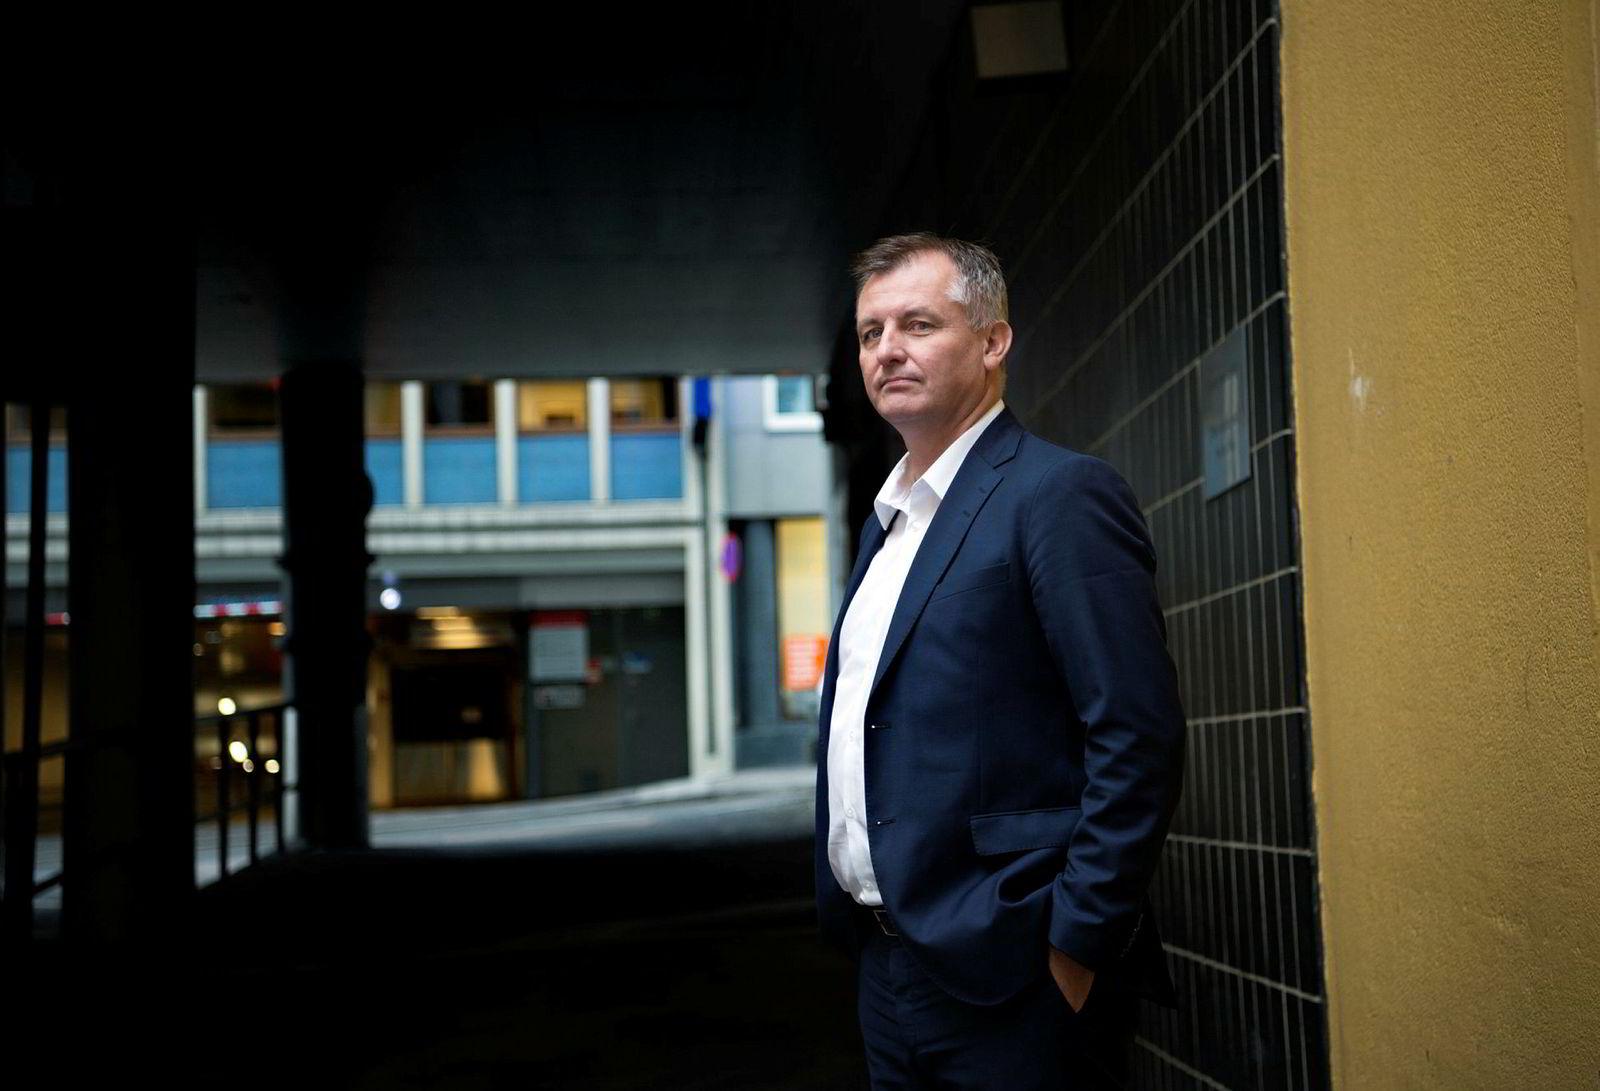 Administrerende direktør Eivind Bøe i Randstad Norge ser at mange arbeidstagere slutter fordi de er misfornøyde med egen lønn.